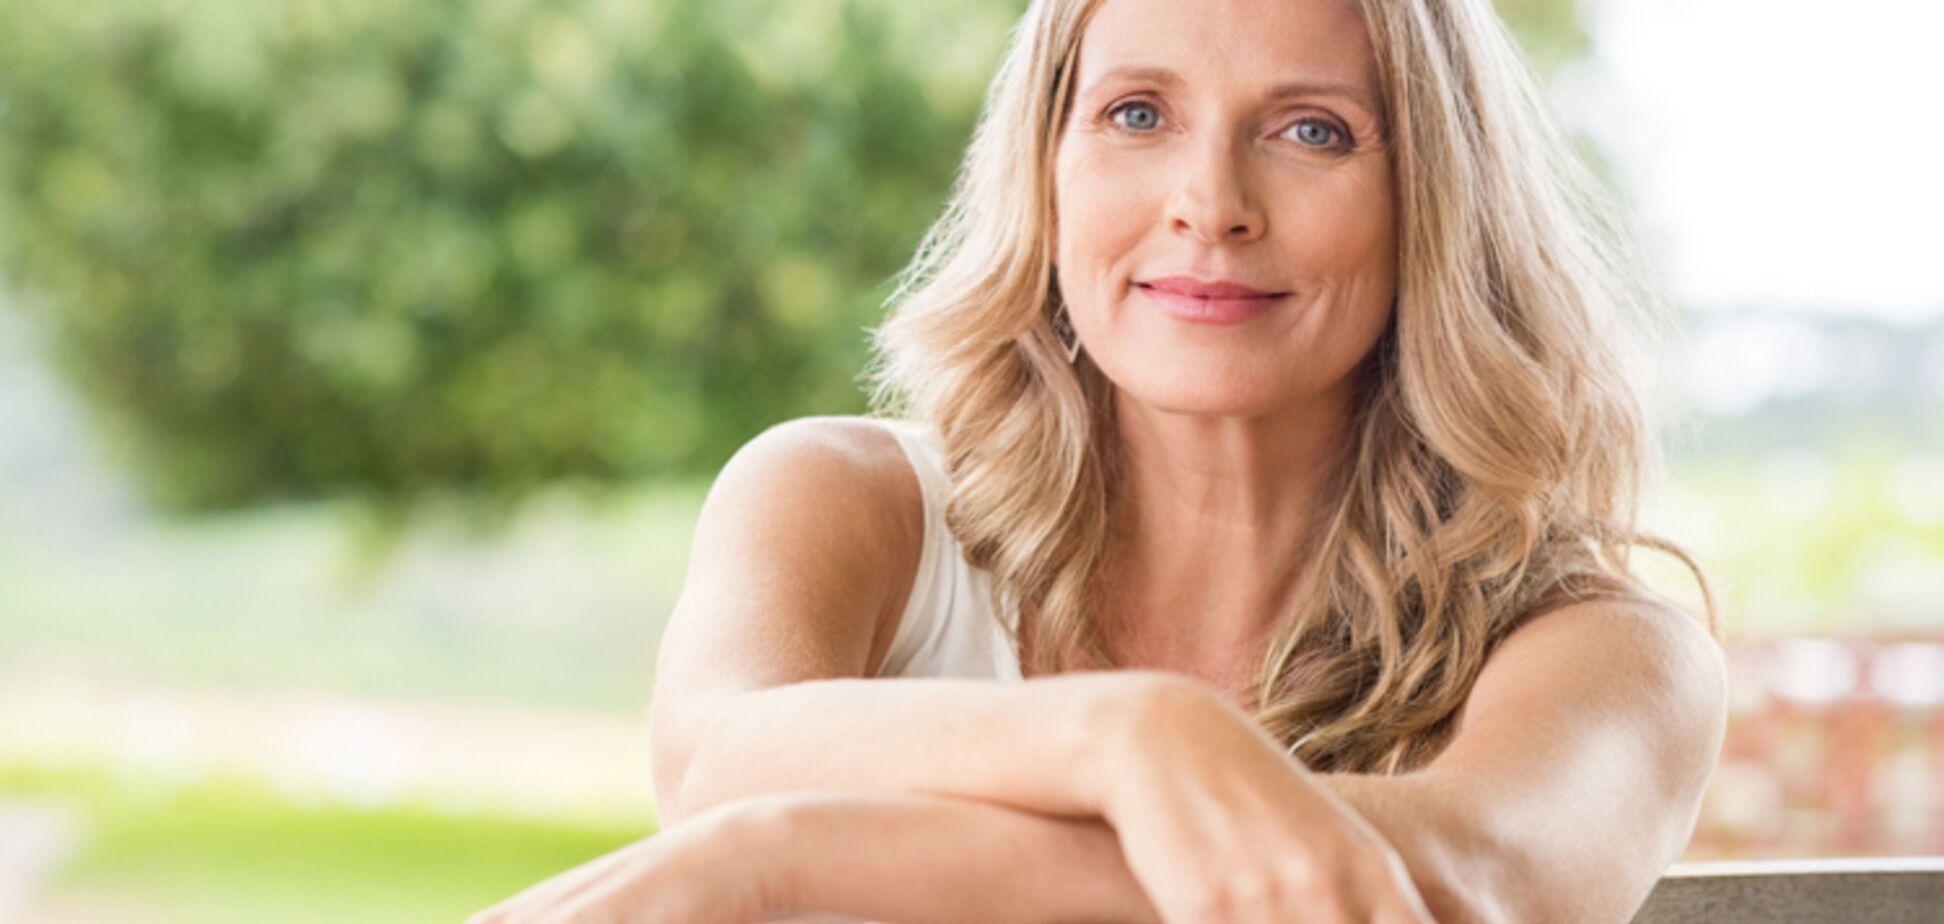 Мифы о старении: что же происходит на самом деле